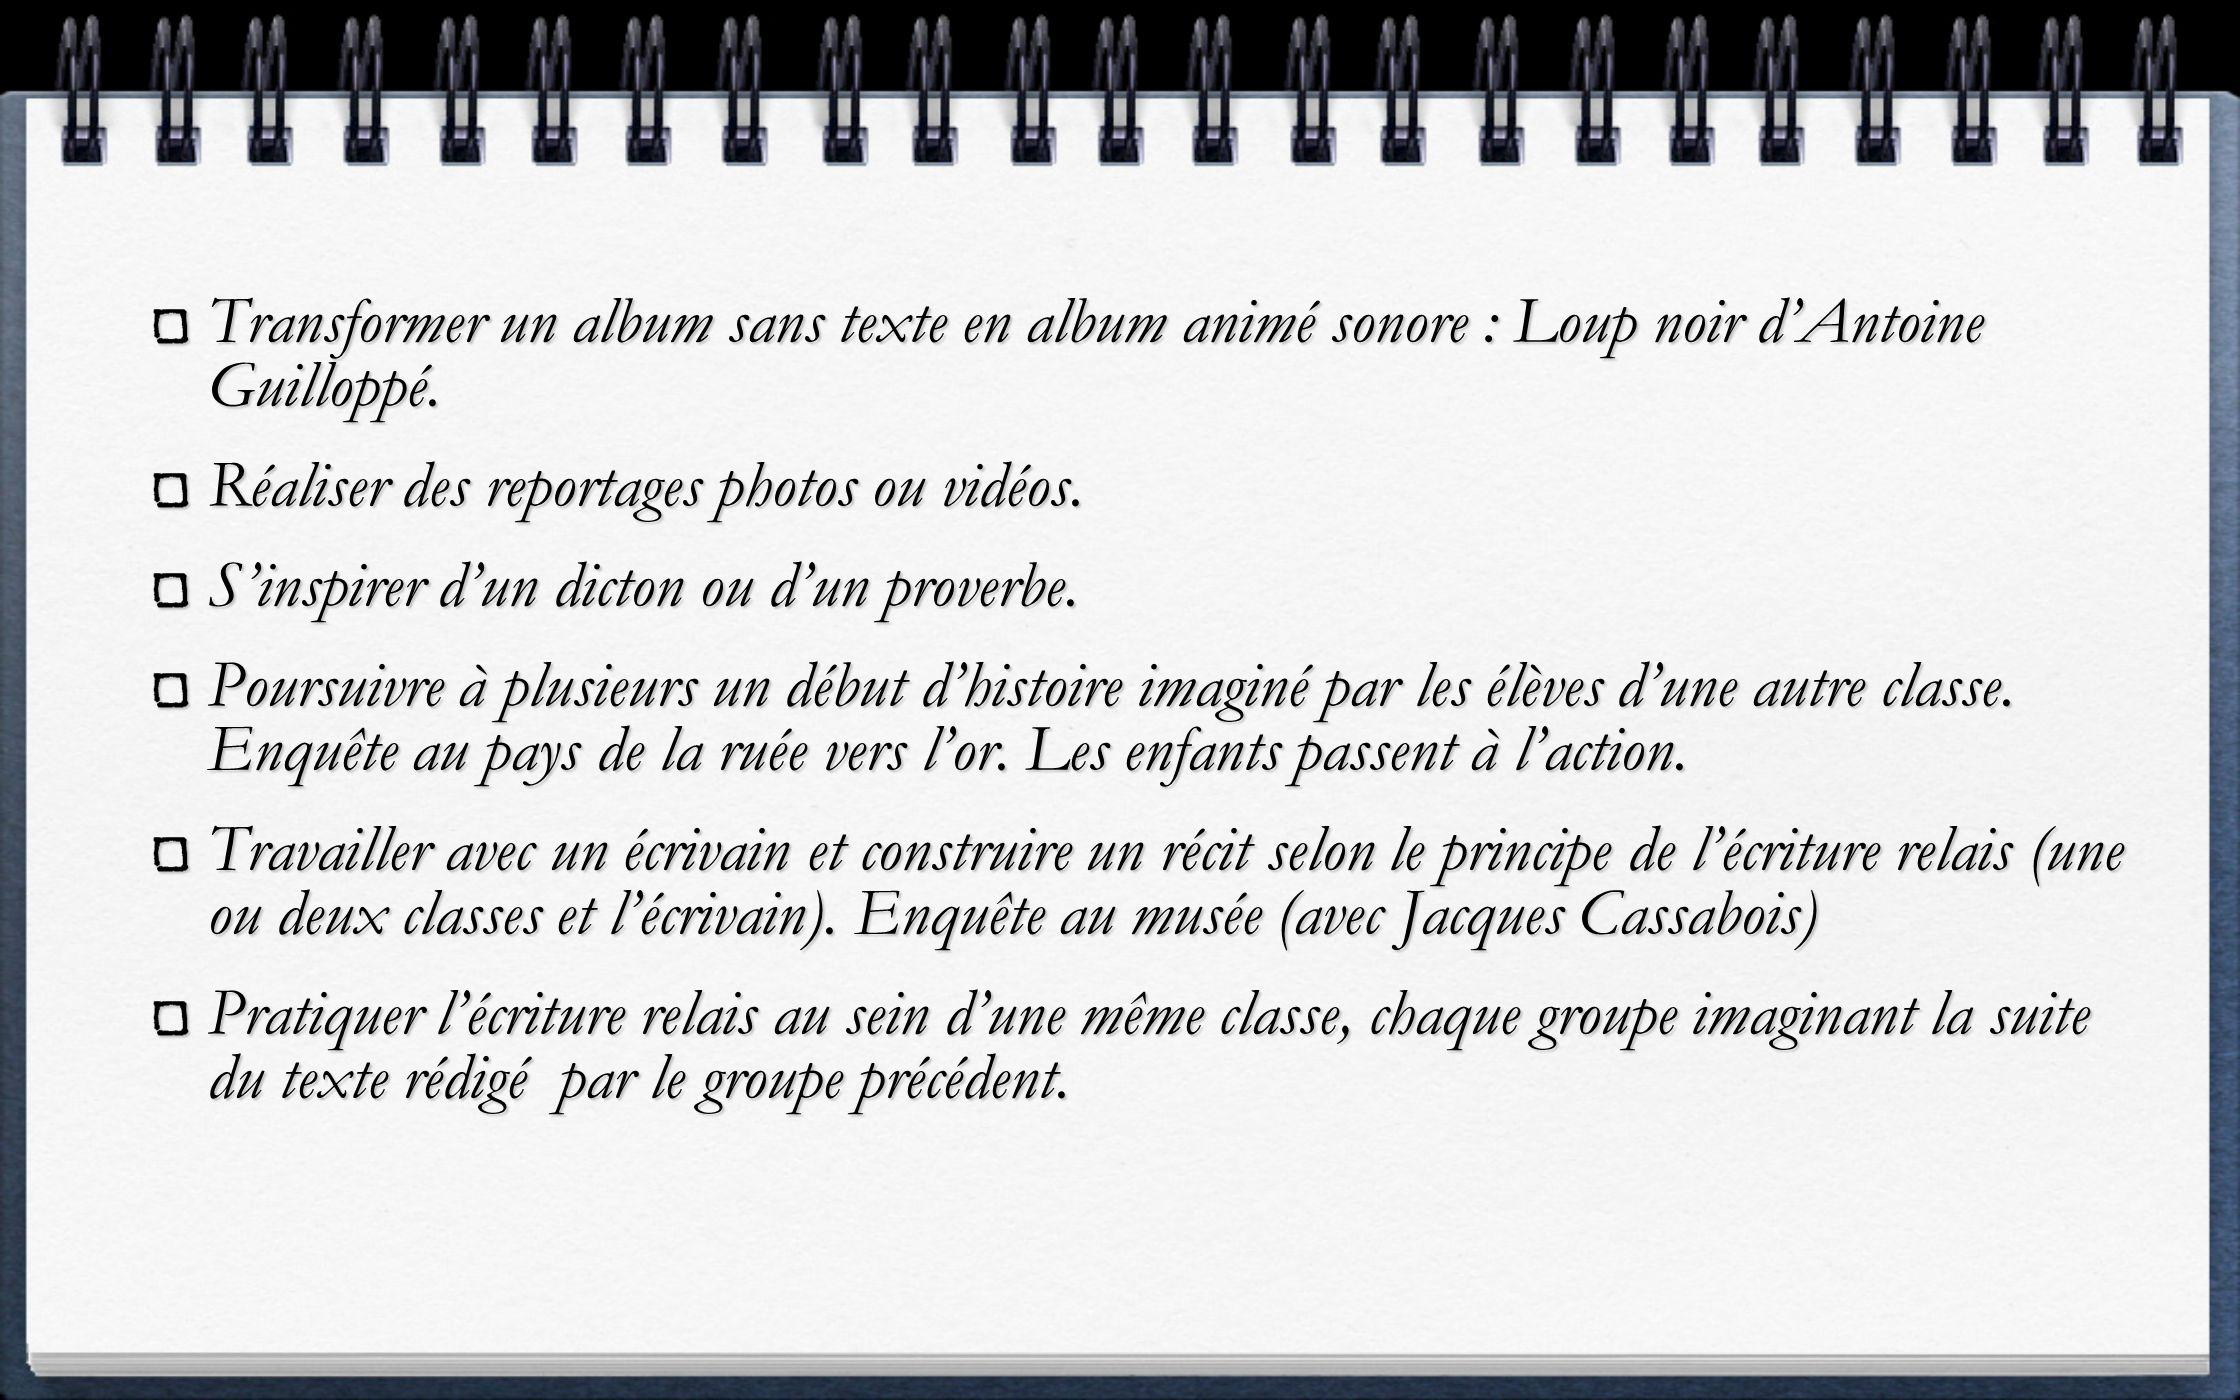 Transformer un album sans texte en album animé sonore : Loup noir d'Antoine Guilloppé.